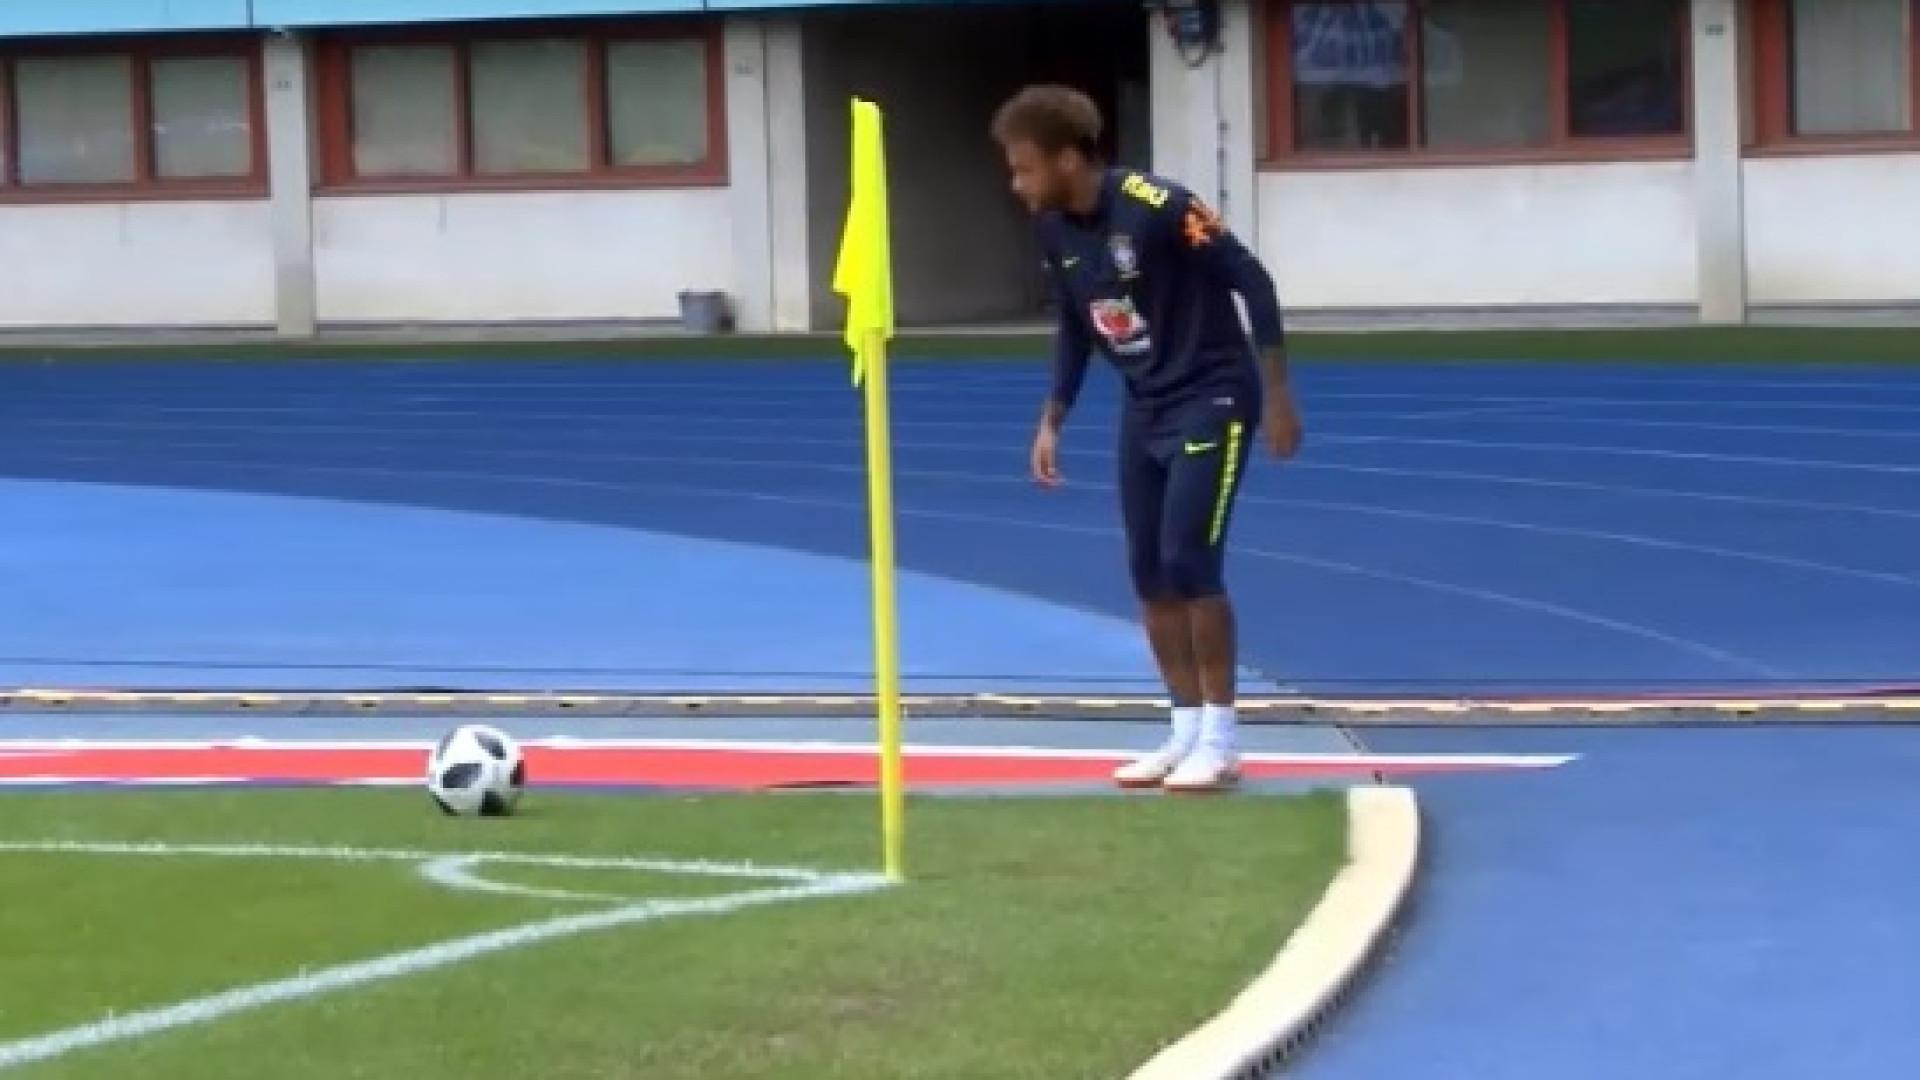 Neymar mostra pontaria afinada... para lá da bandeirola de canto